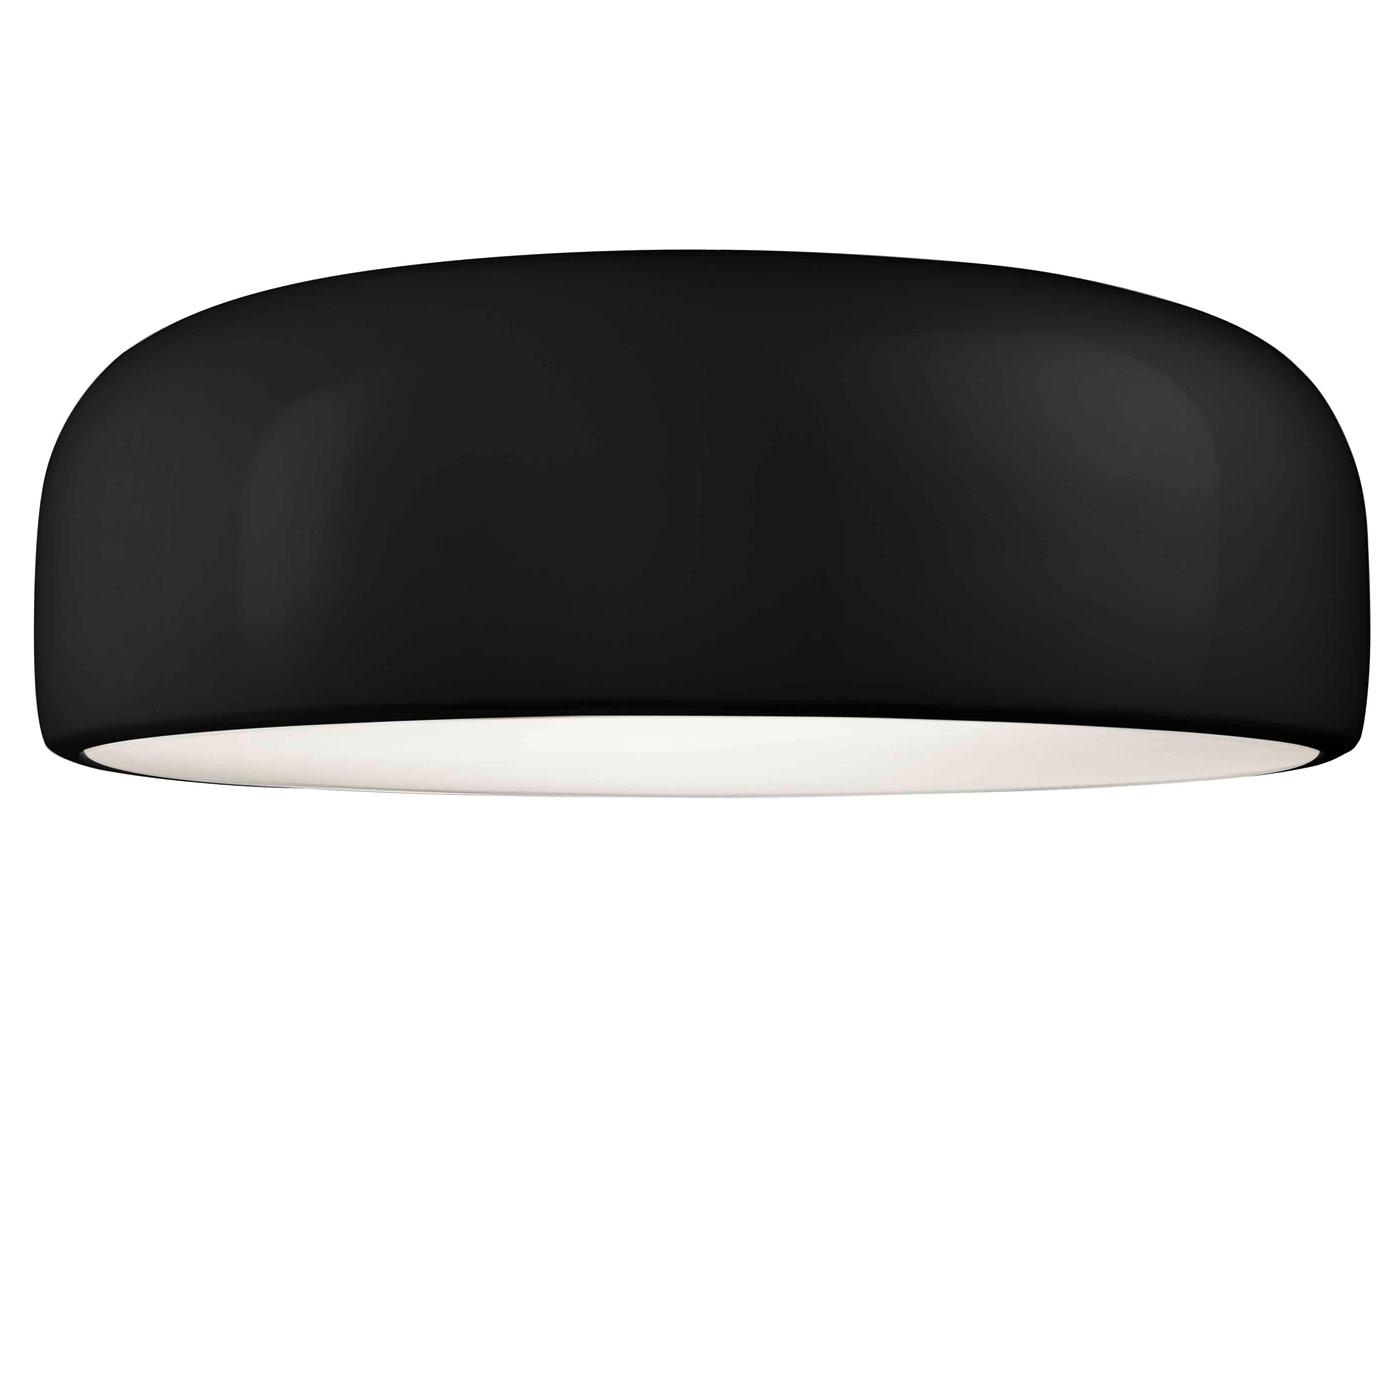 flos smithfield c preisvergleich leuchte g nstig. Black Bedroom Furniture Sets. Home Design Ideas